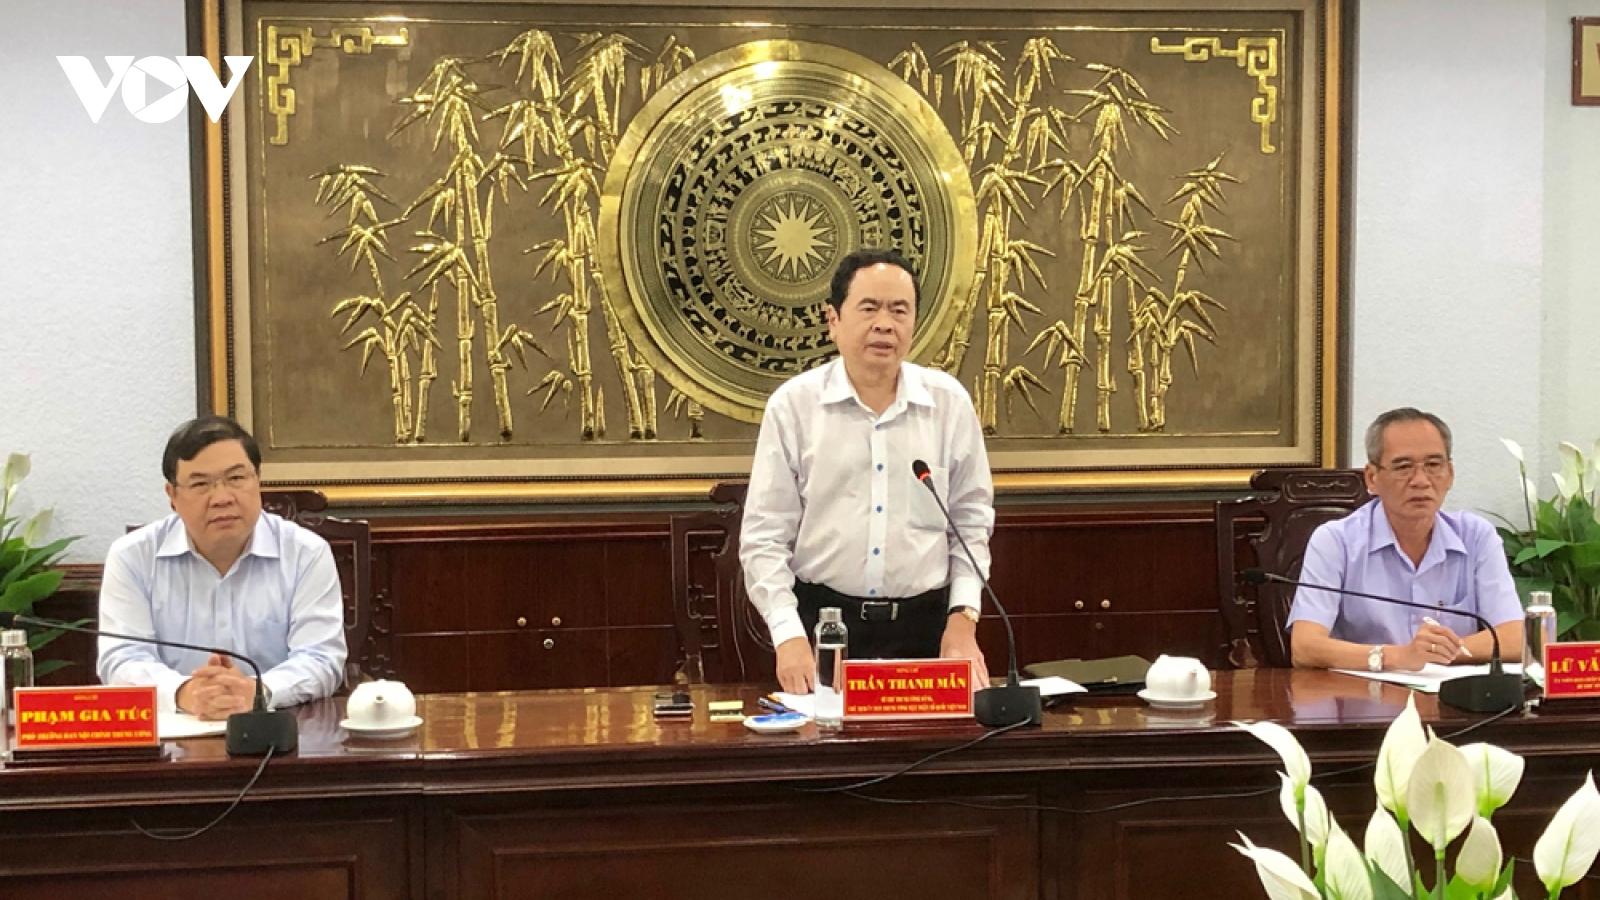 Ông Trần Thanh Mẫn: Phải chú ý khâu phòng tham nhũng